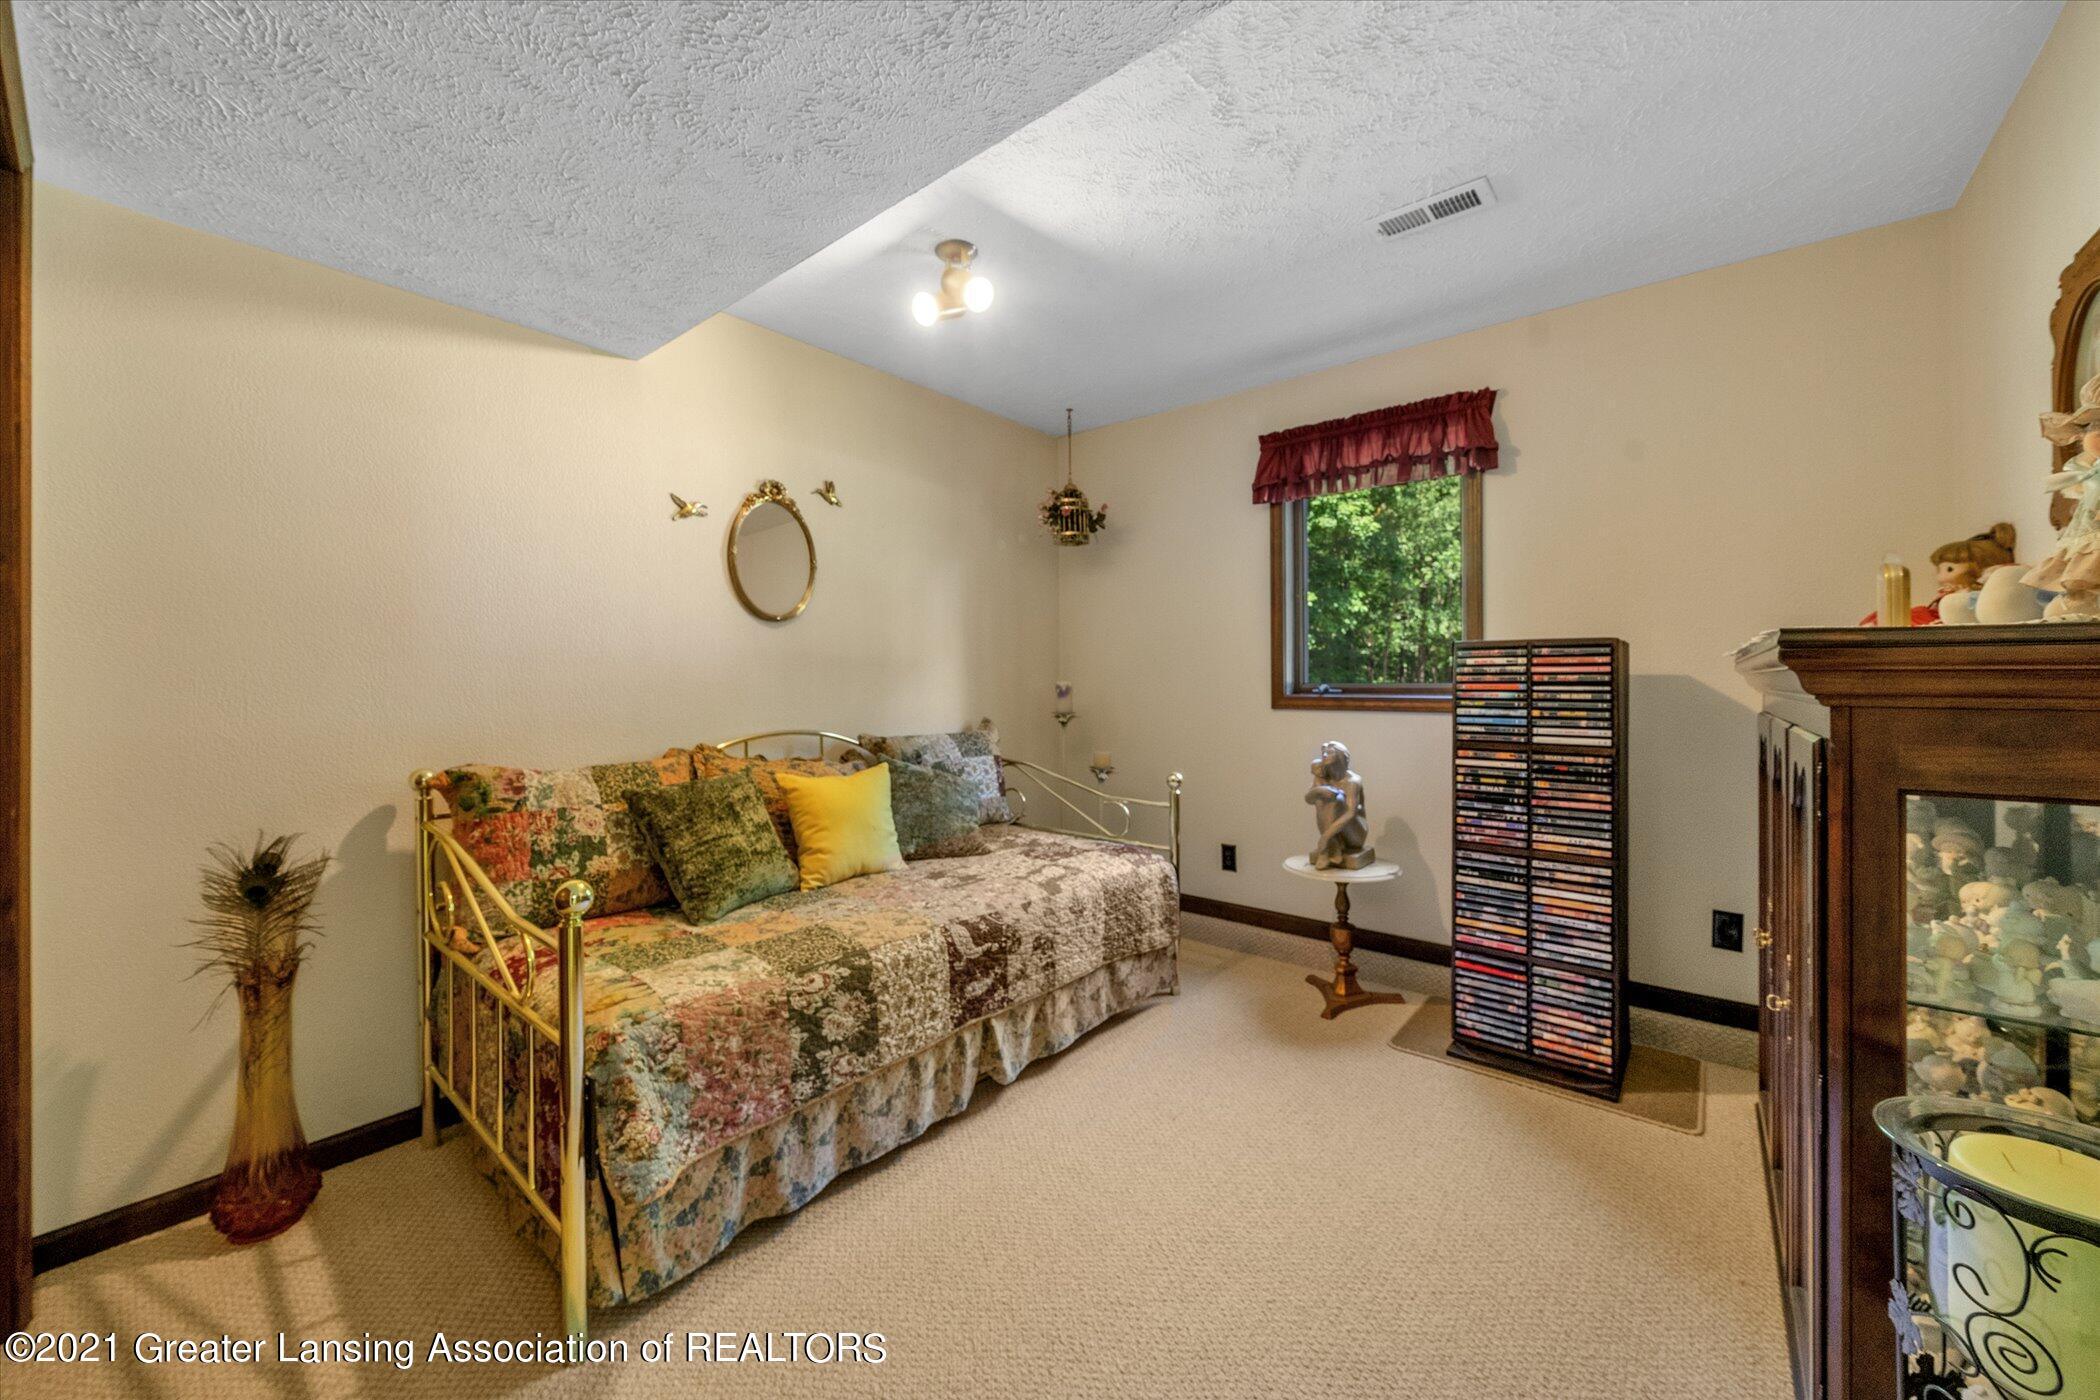 7851 S Cochran Rd - (25)LOWER LEVEL Bedroom 2 - 25